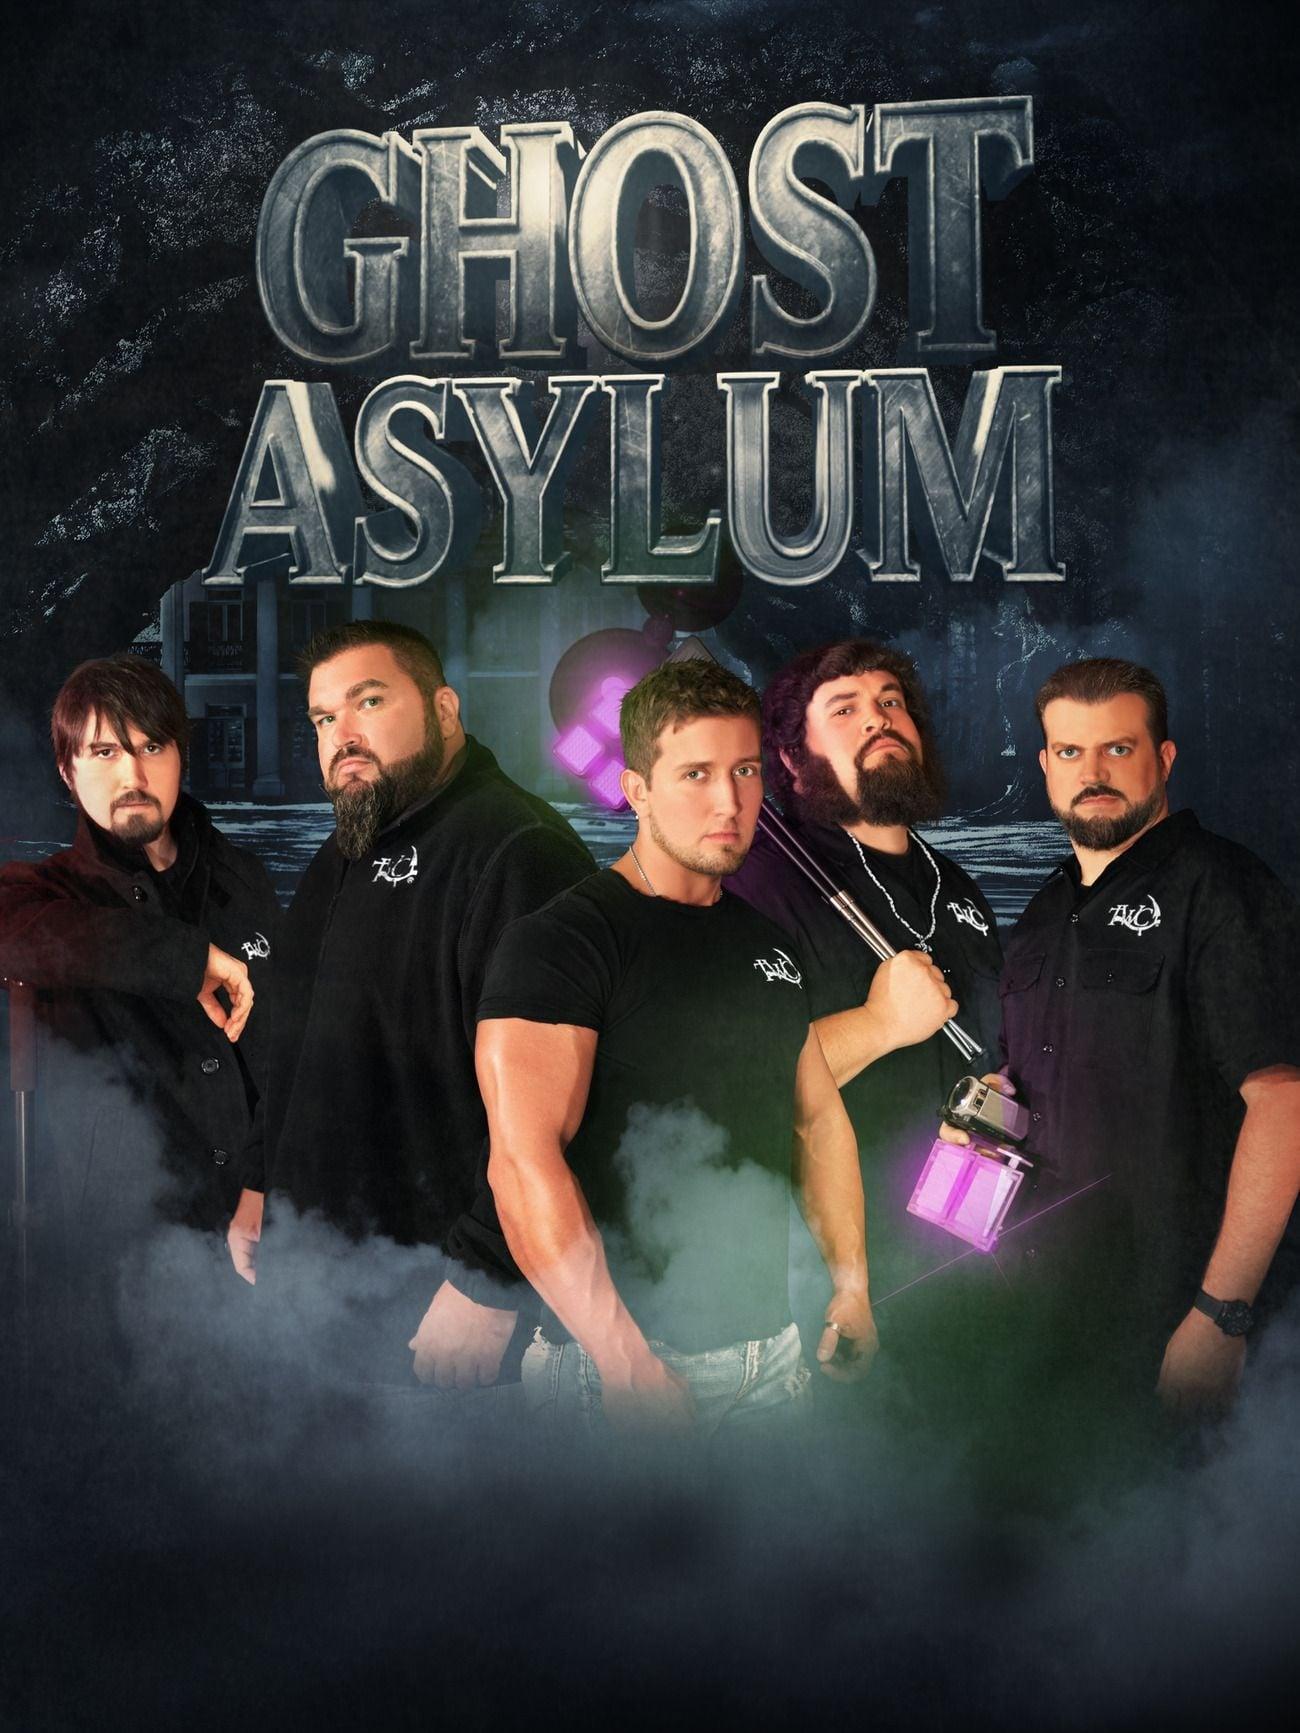 Ghost Asylum (2014)